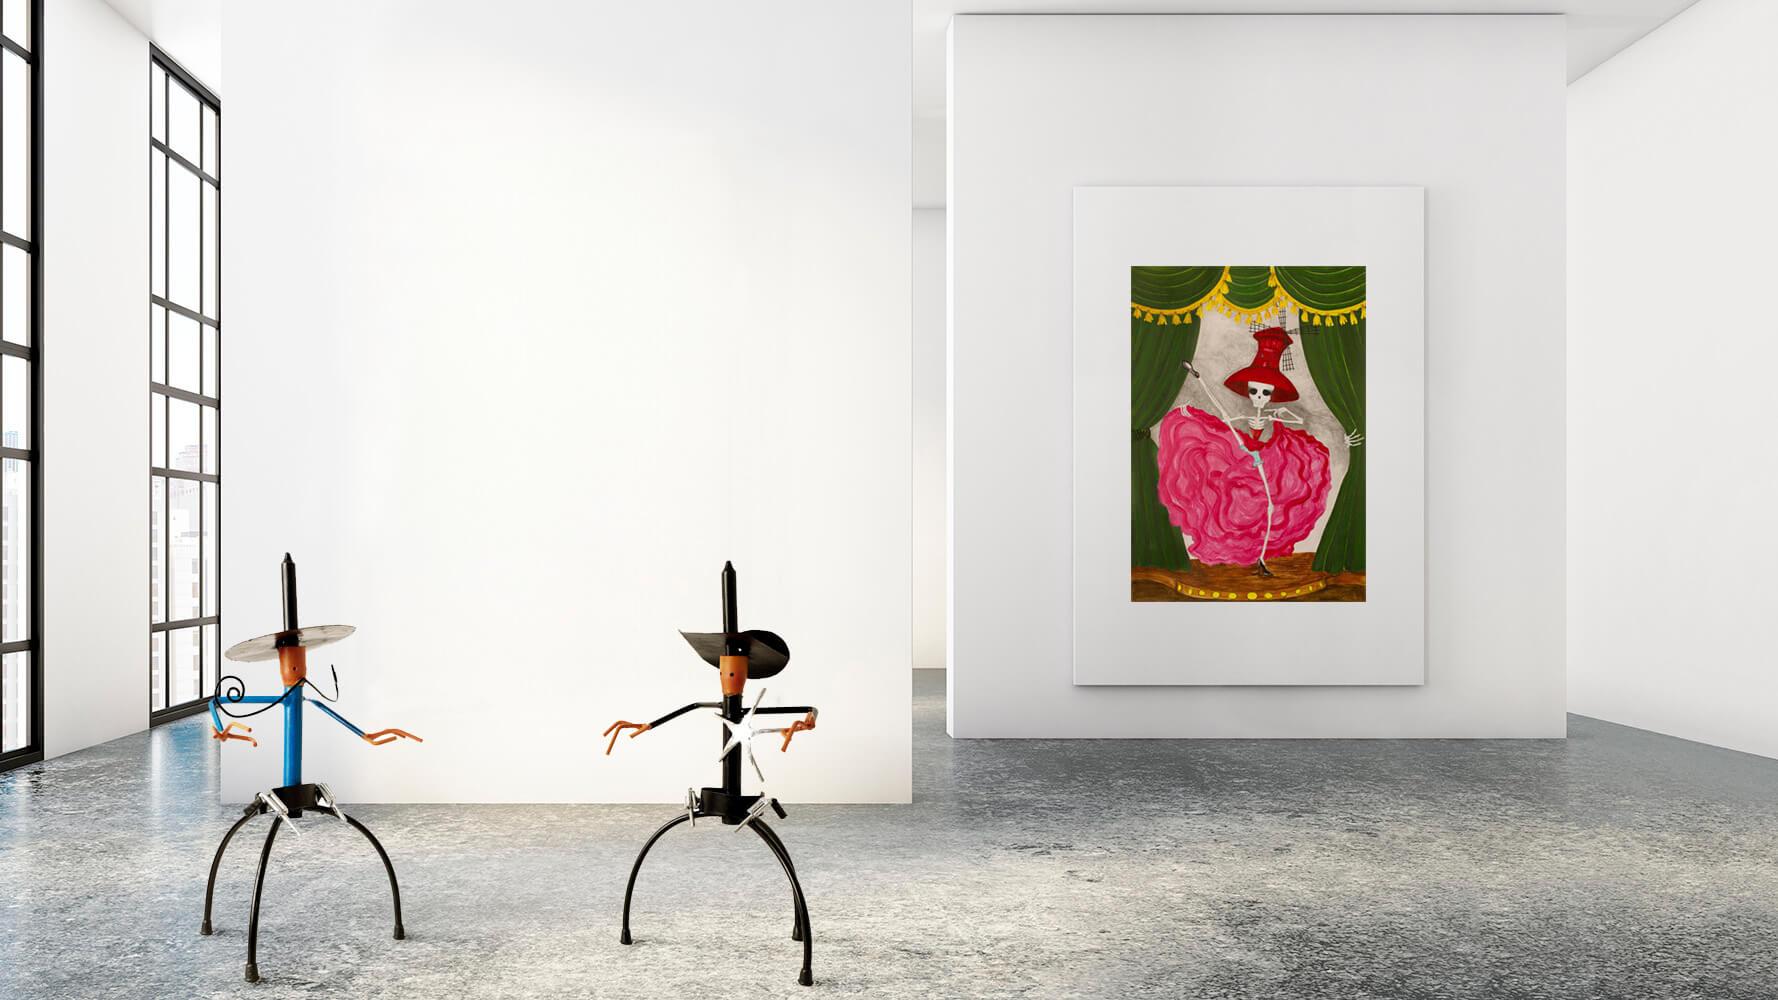 De-peccatis-et-morte-exposicion-colectiva-Horno-Art-Virtual-Galleryl-galeria-arte-ilustracion-escultura-decorativa-decoracion-jorge-duran-sandra-trujillo-moulin-rouge-2